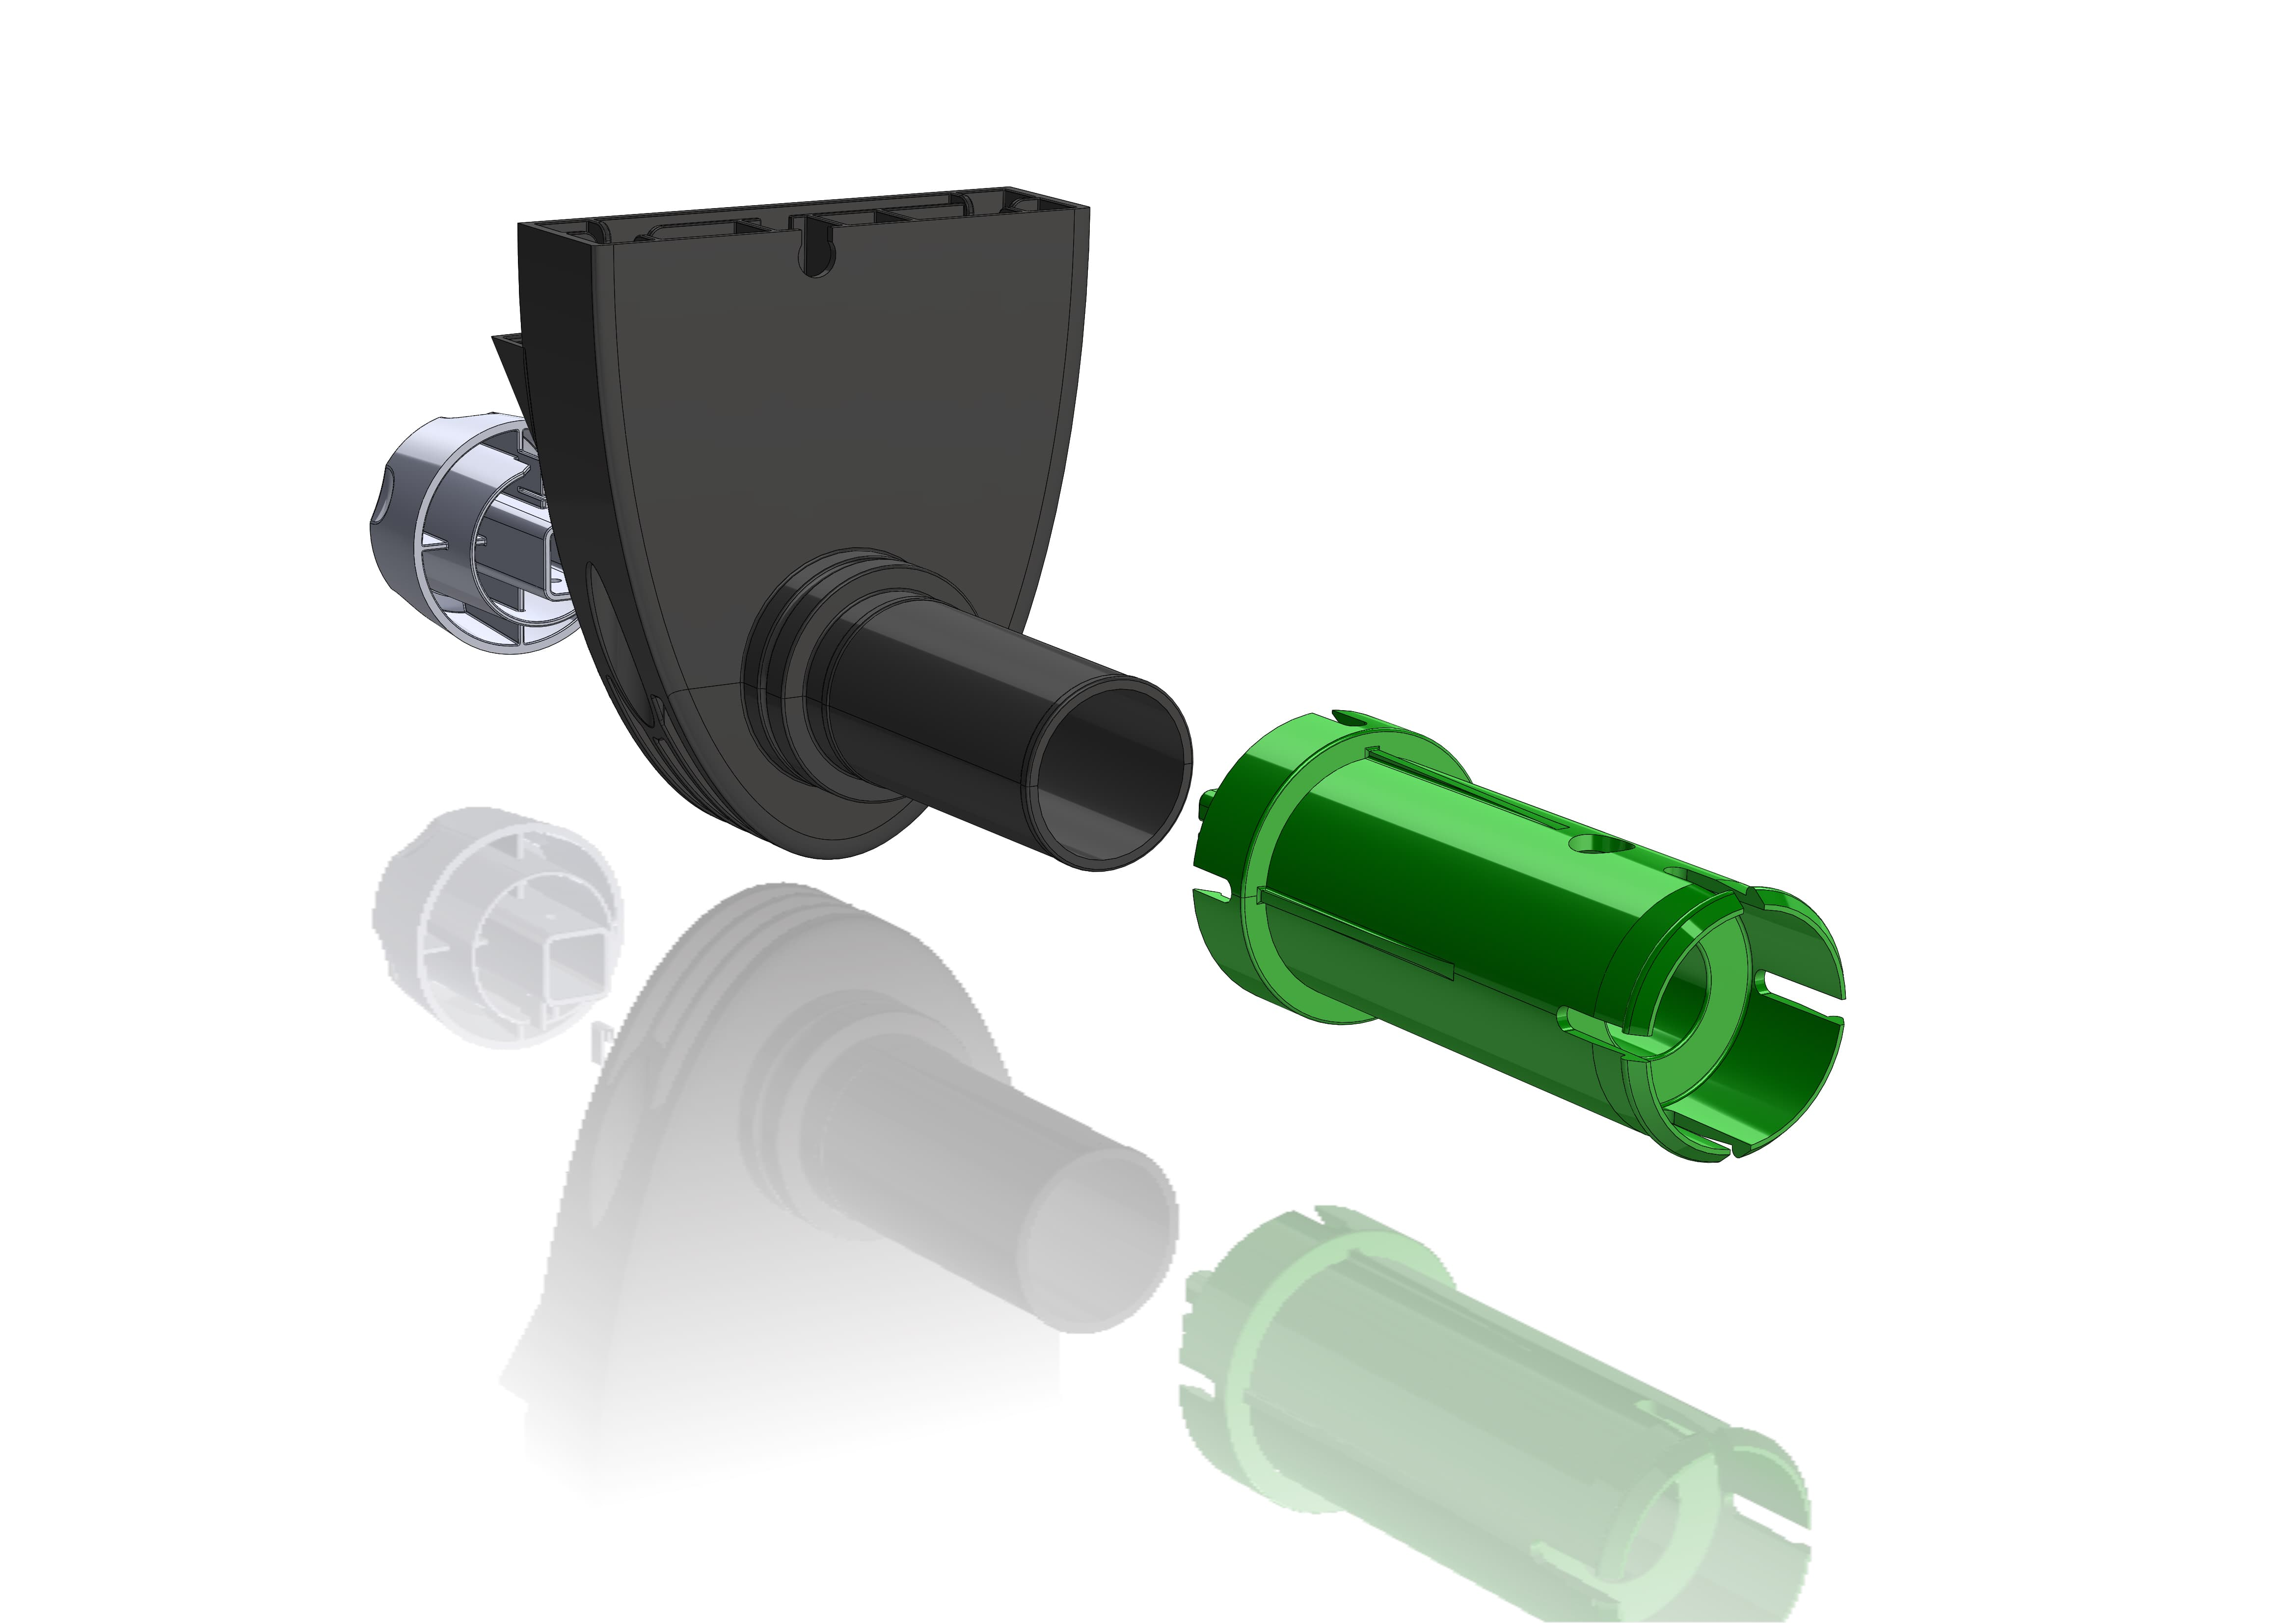 Eksploderet 3D model af plastdele som visuelt eksempel